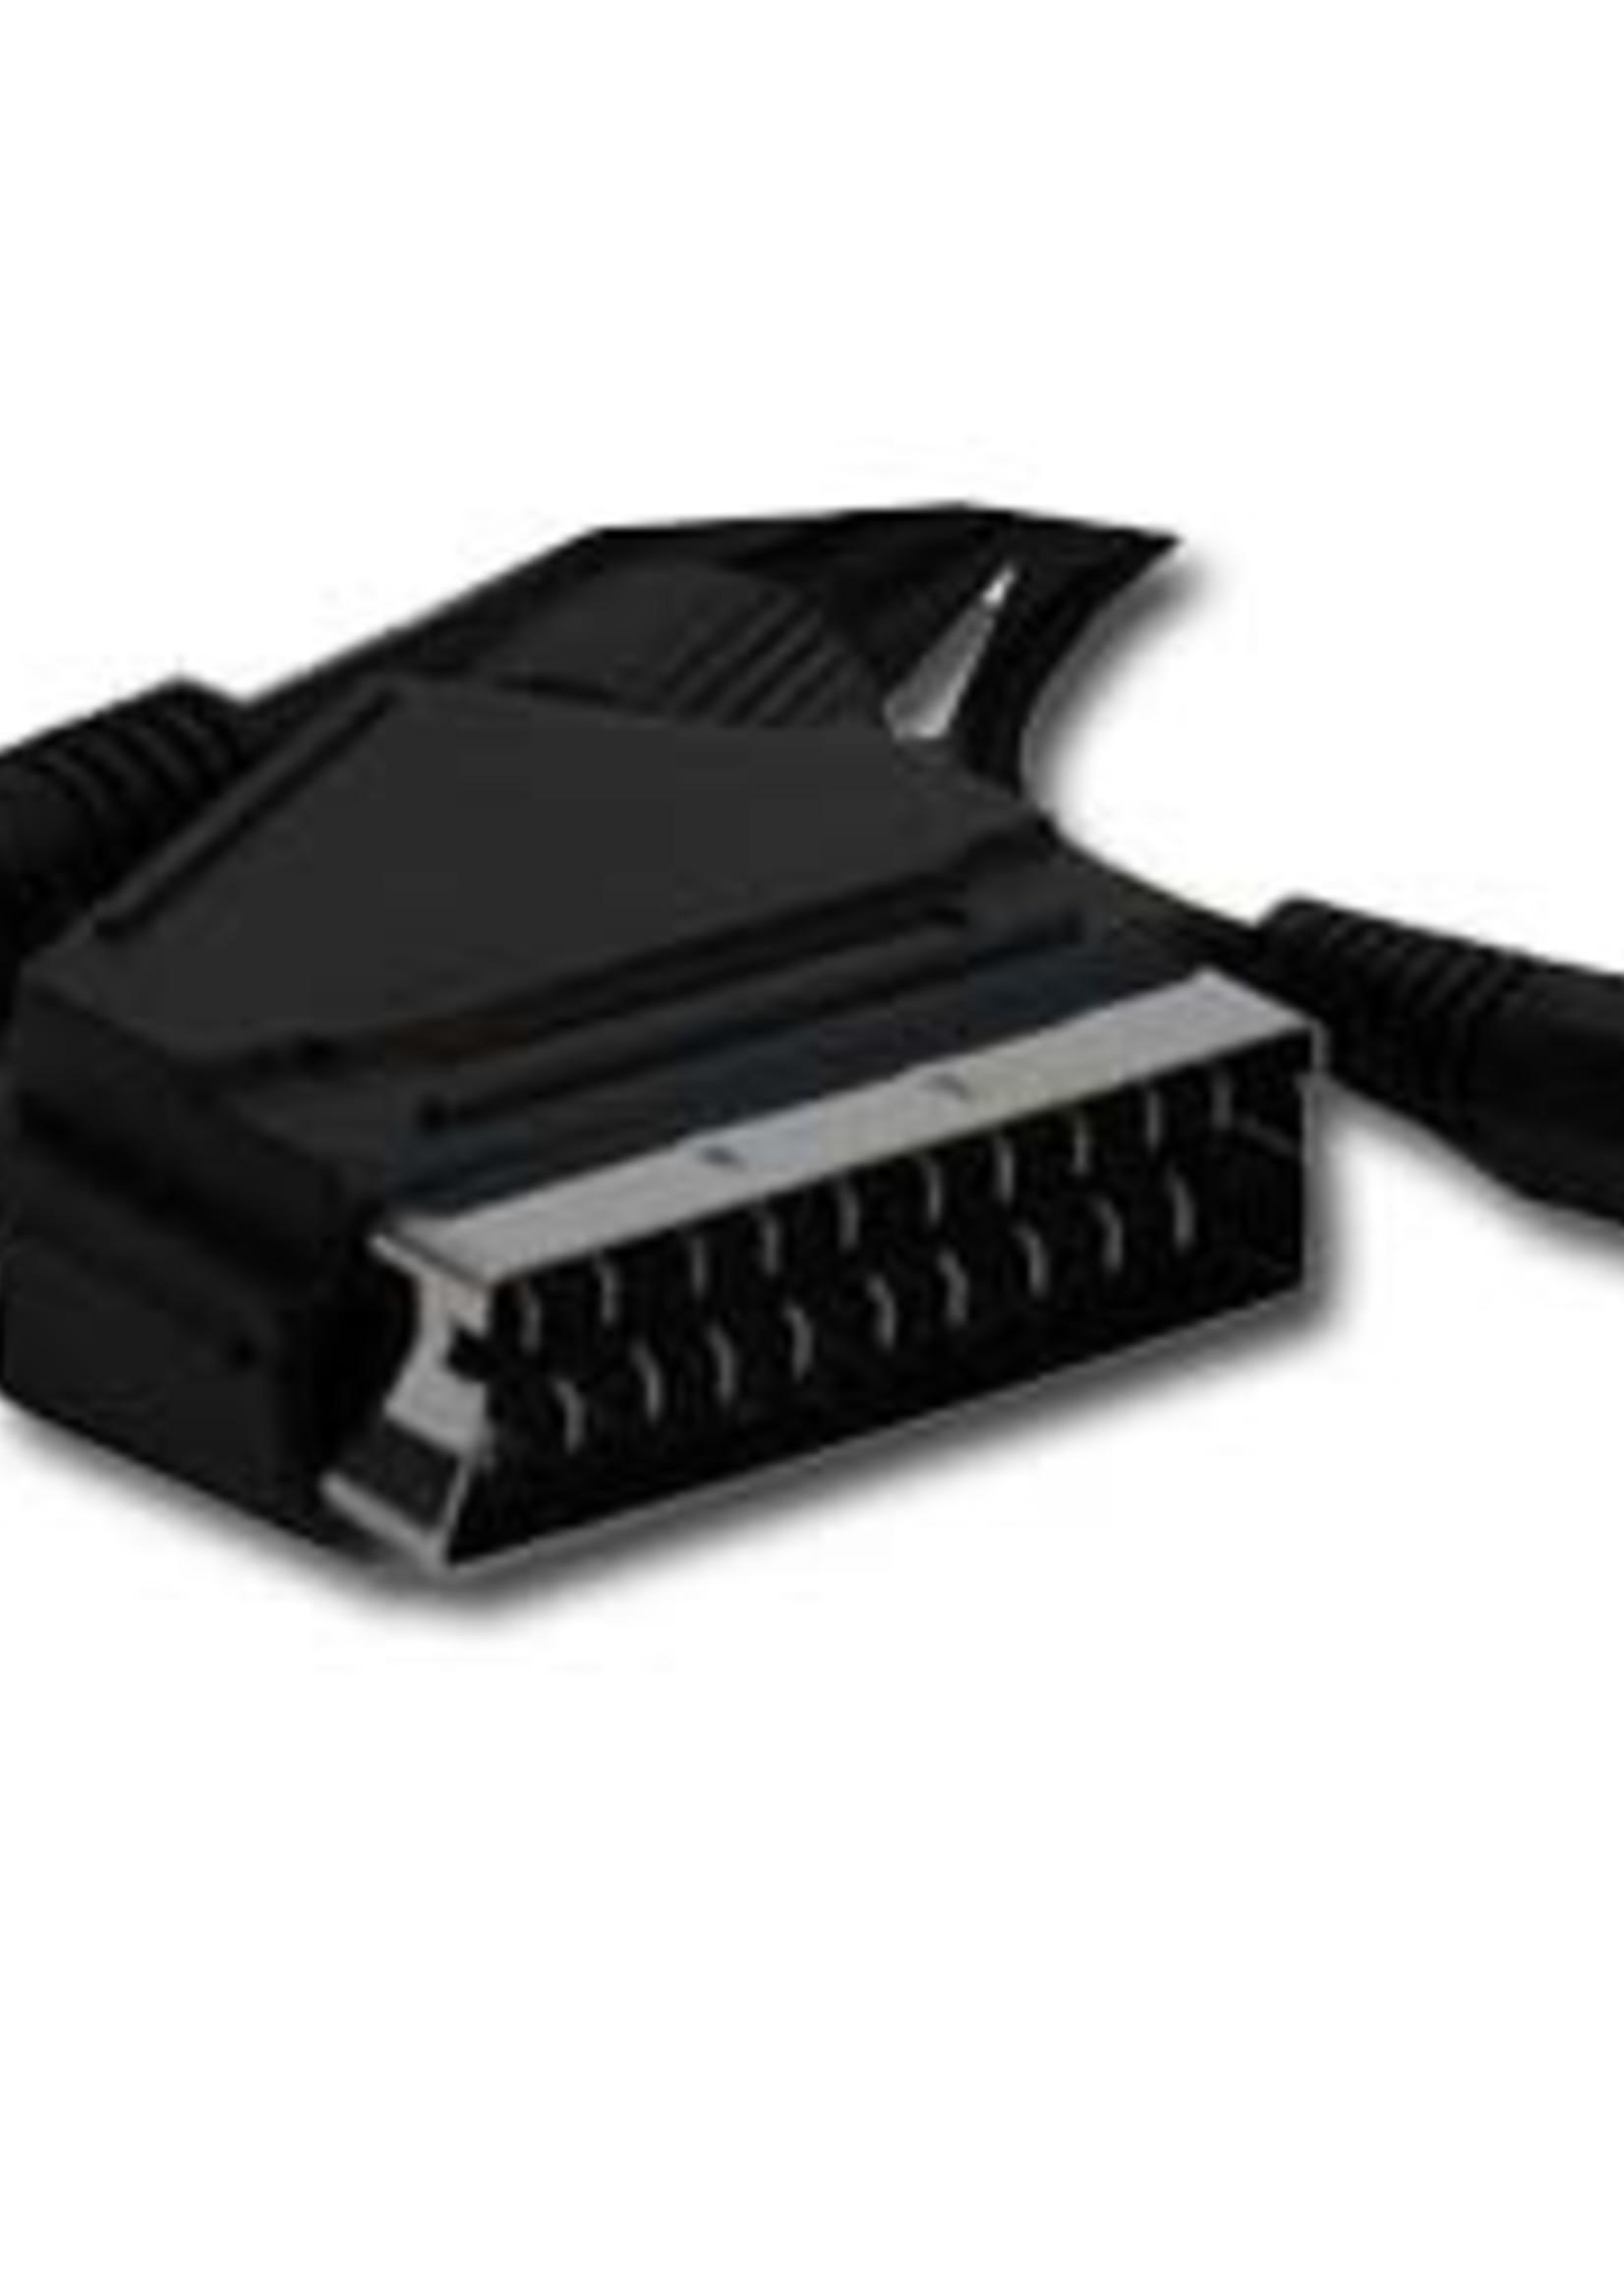 CableXpert Aansluitkabel van SCART naar S-video + audio kabel, 15 meter